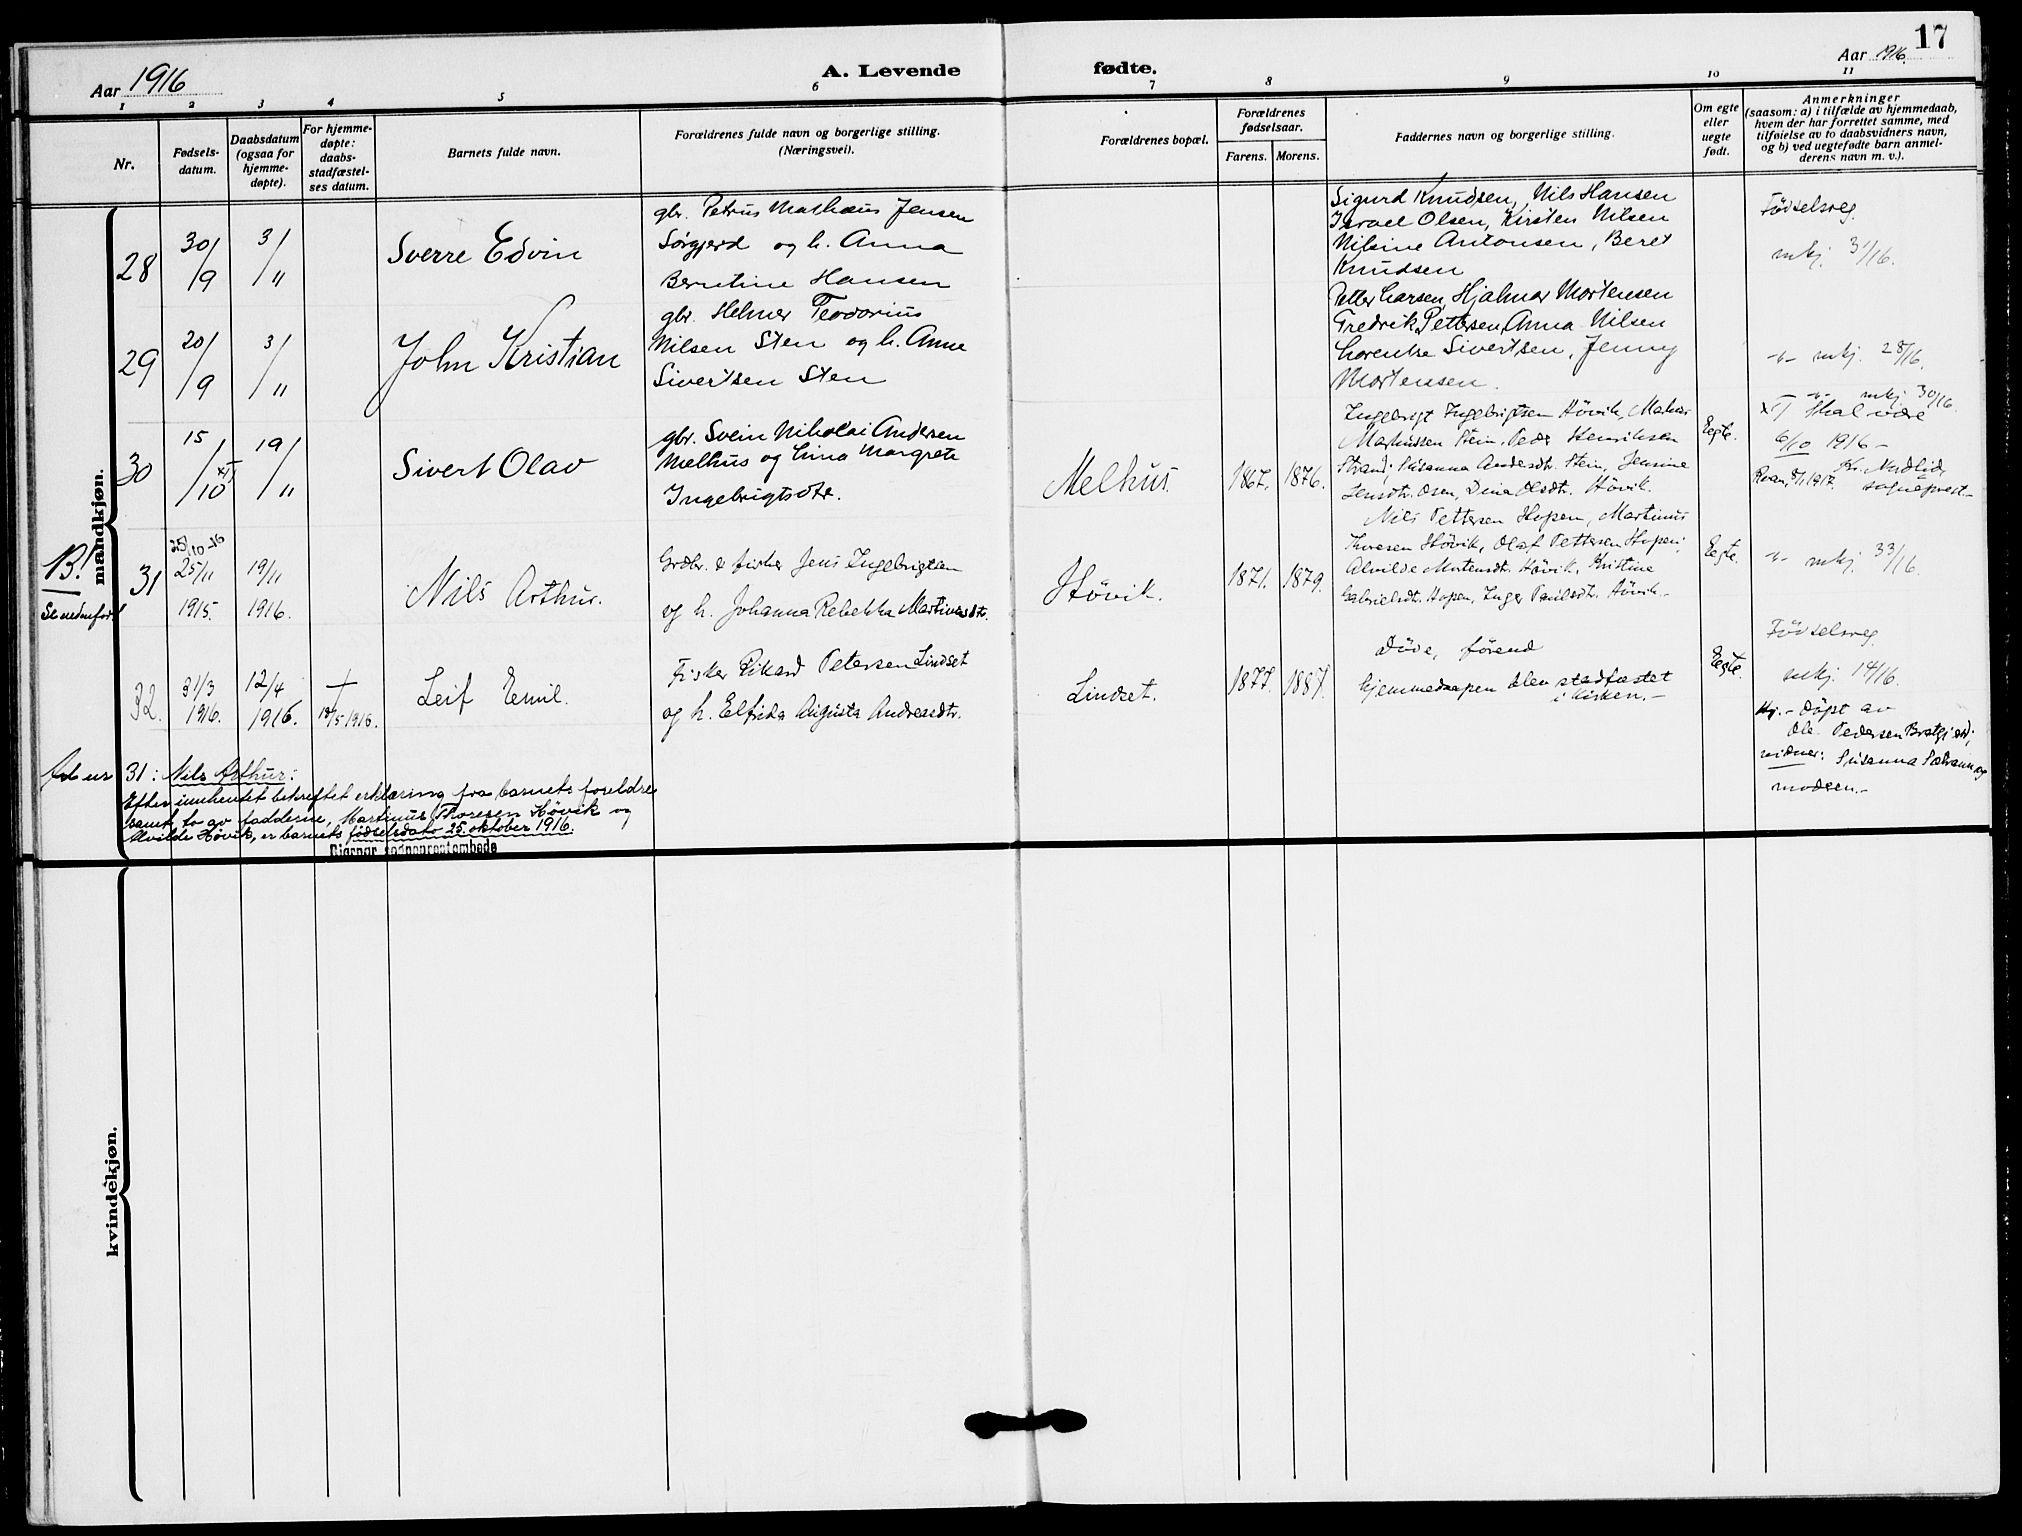 SAT, Ministerialprotokoller, klokkerbøker og fødselsregistre - Sør-Trøndelag, 658/L0724: Ministerialbok nr. 658A03, 1912-1924, s. 17